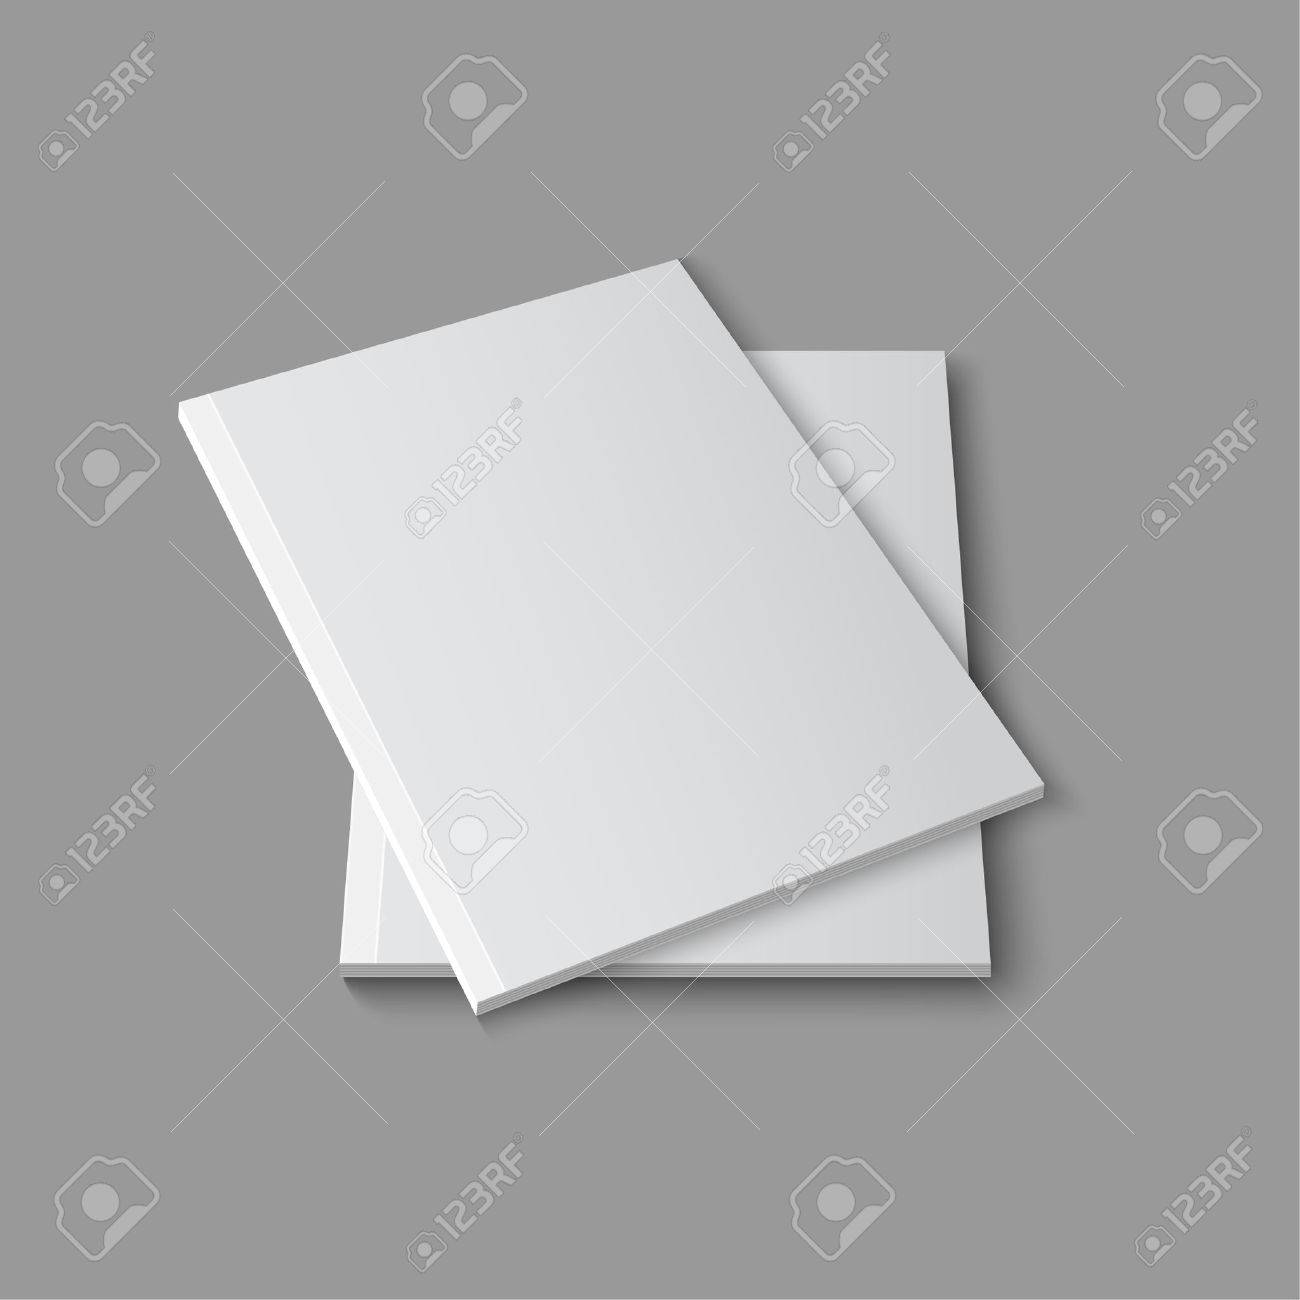 Cargador Vacío En Blanco O Una Plantilla De Libro Acostado En Un ...